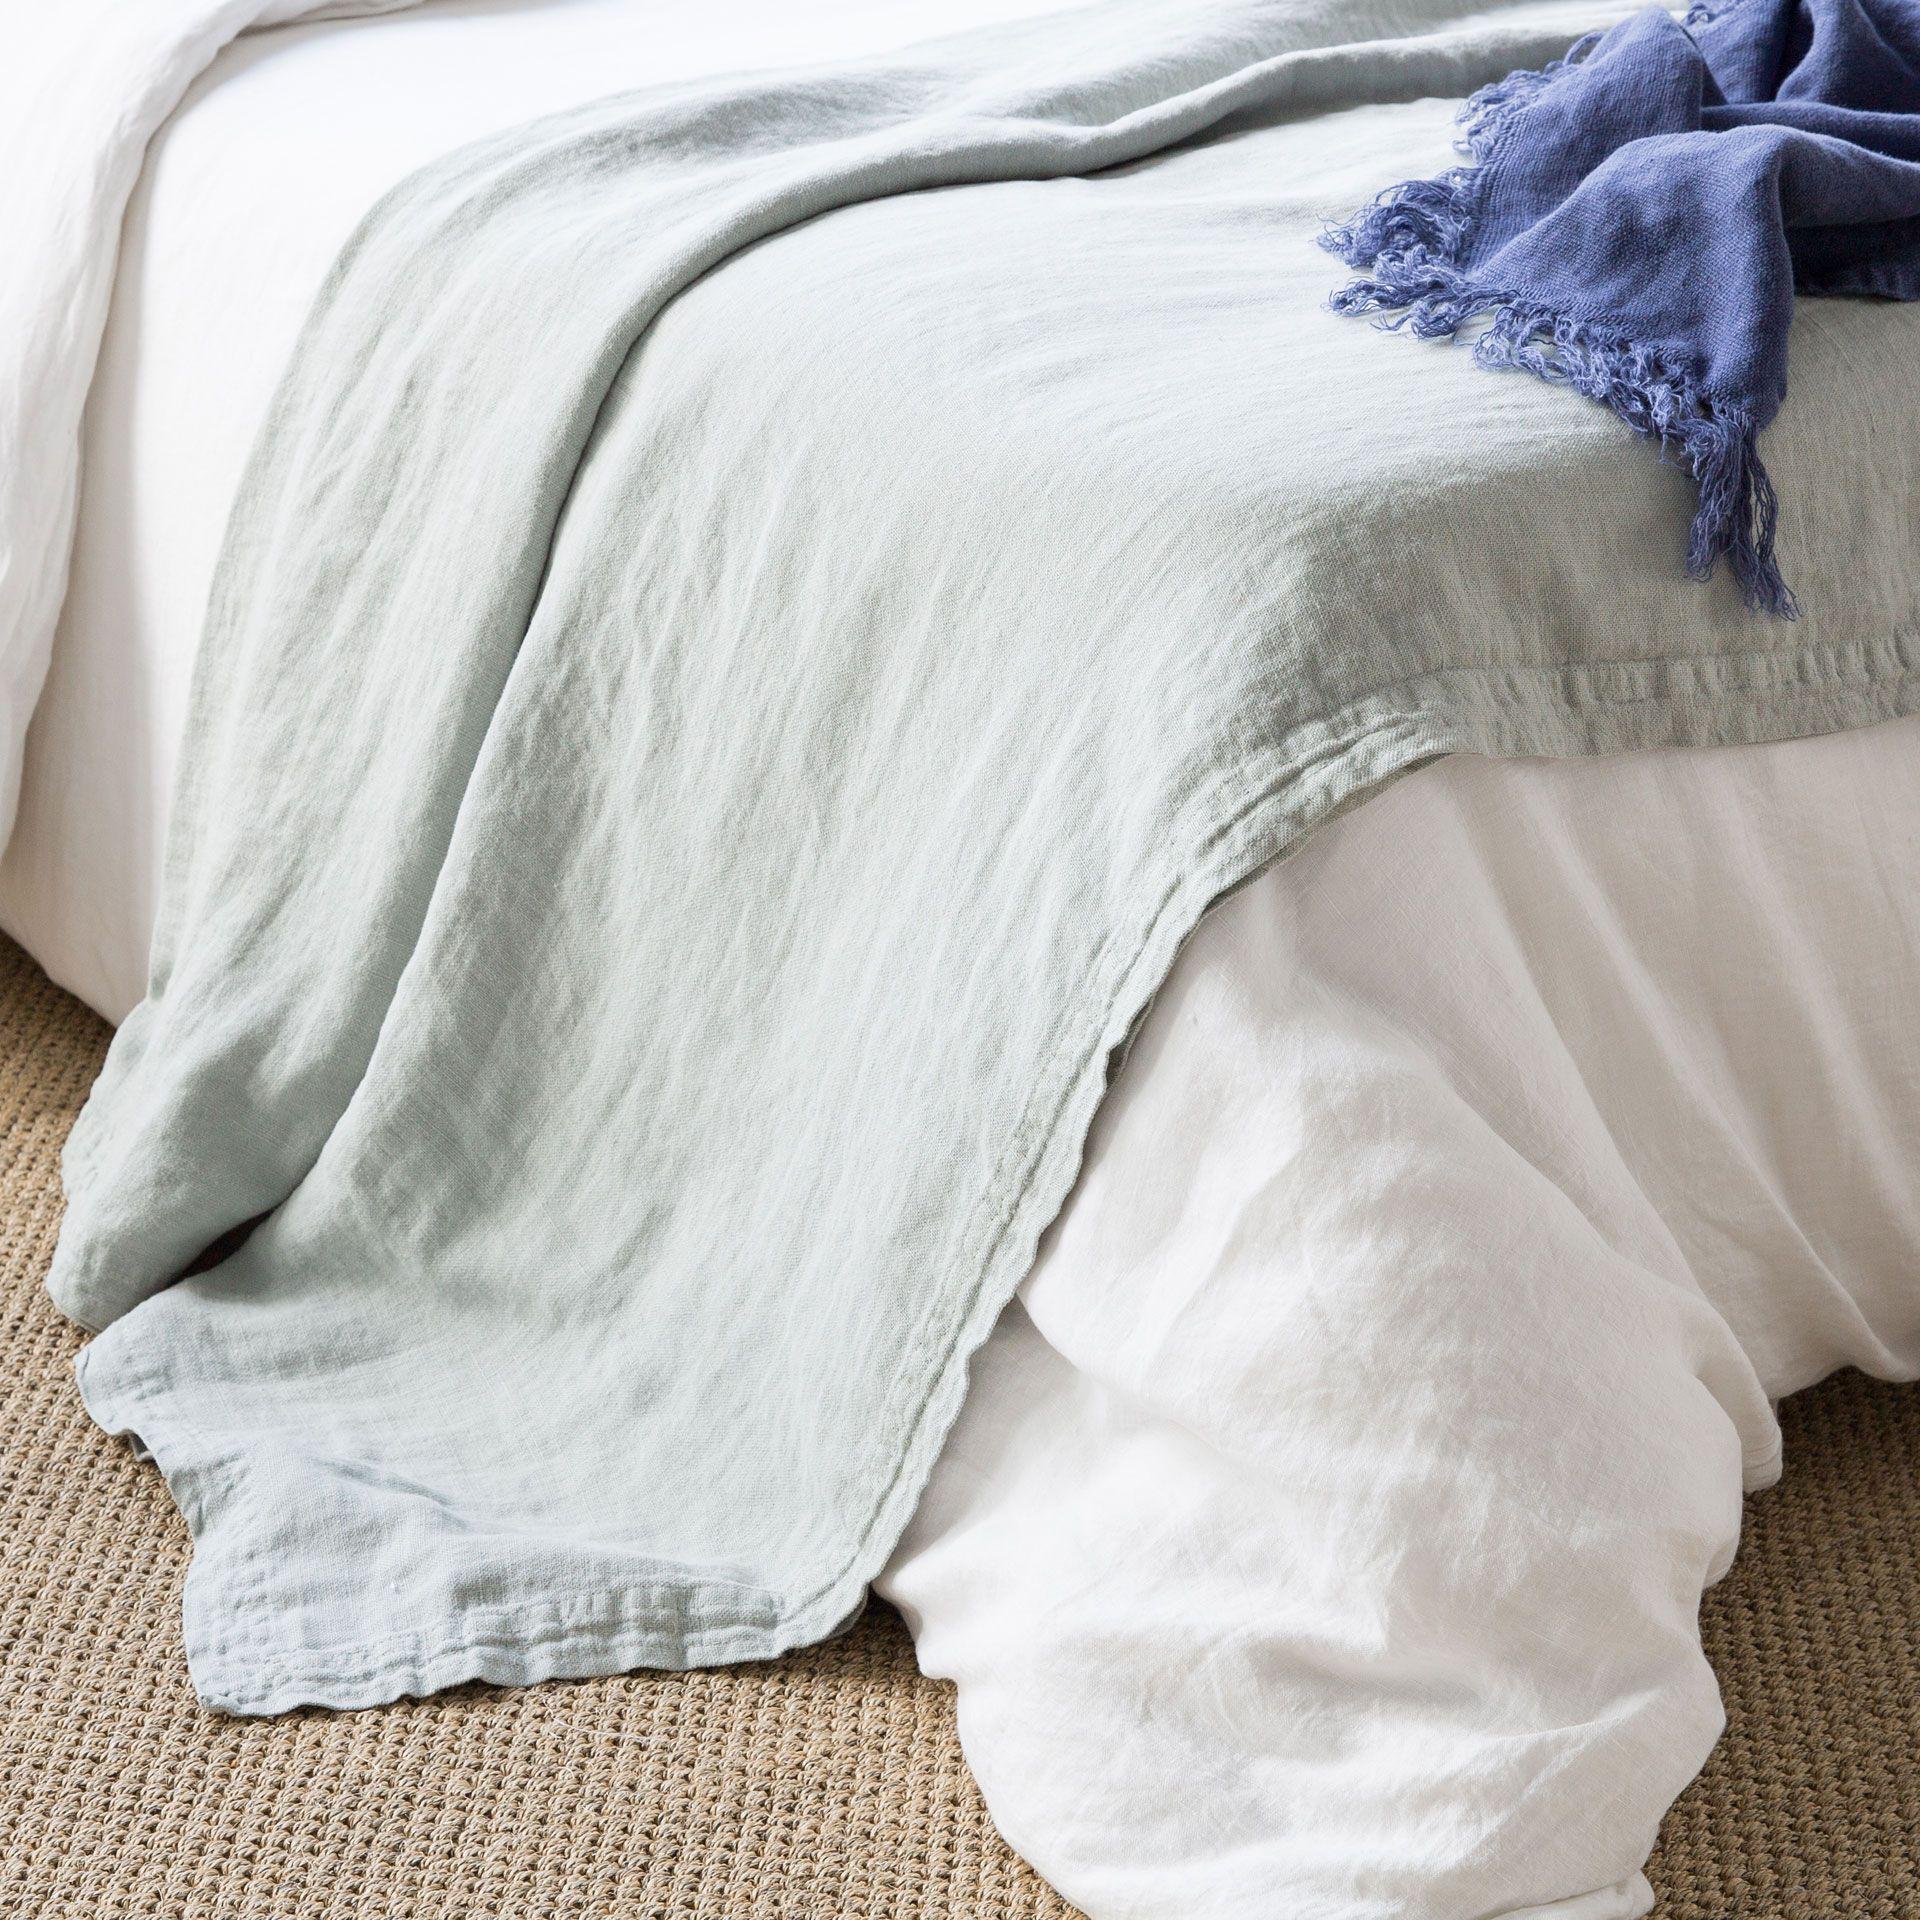 Voorkeur VERWASSEN LINNEN SPREI | Ideeën voor het huis - Slaapkamer, Zara #IC83